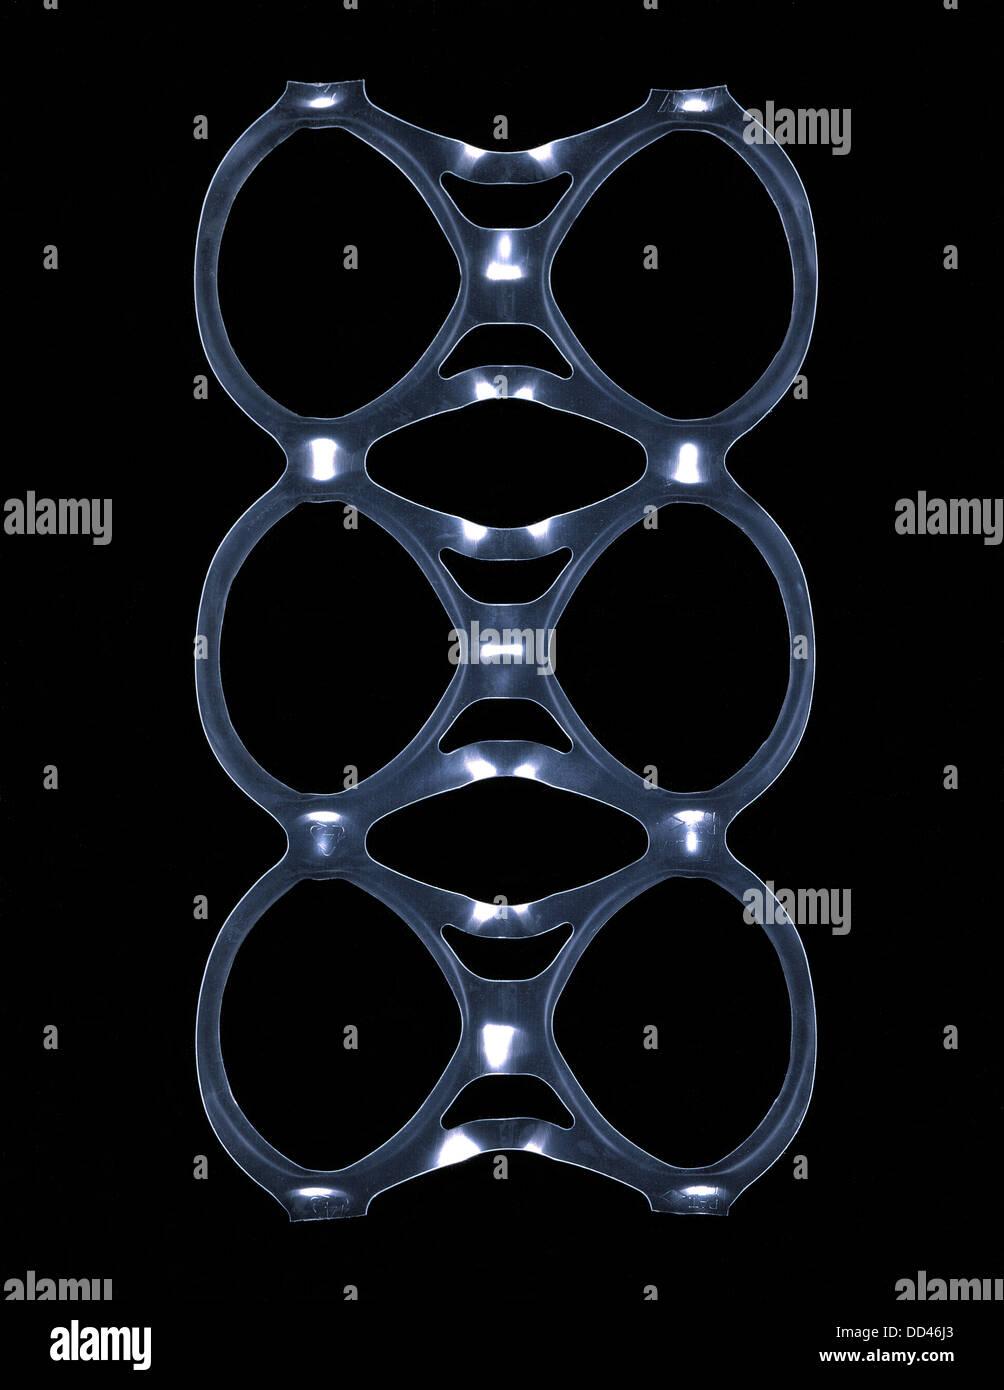 Anillos de plástico que sujetan los contenedores. Normalmente se llama un seis-embala el anillo. Imagen De Stock